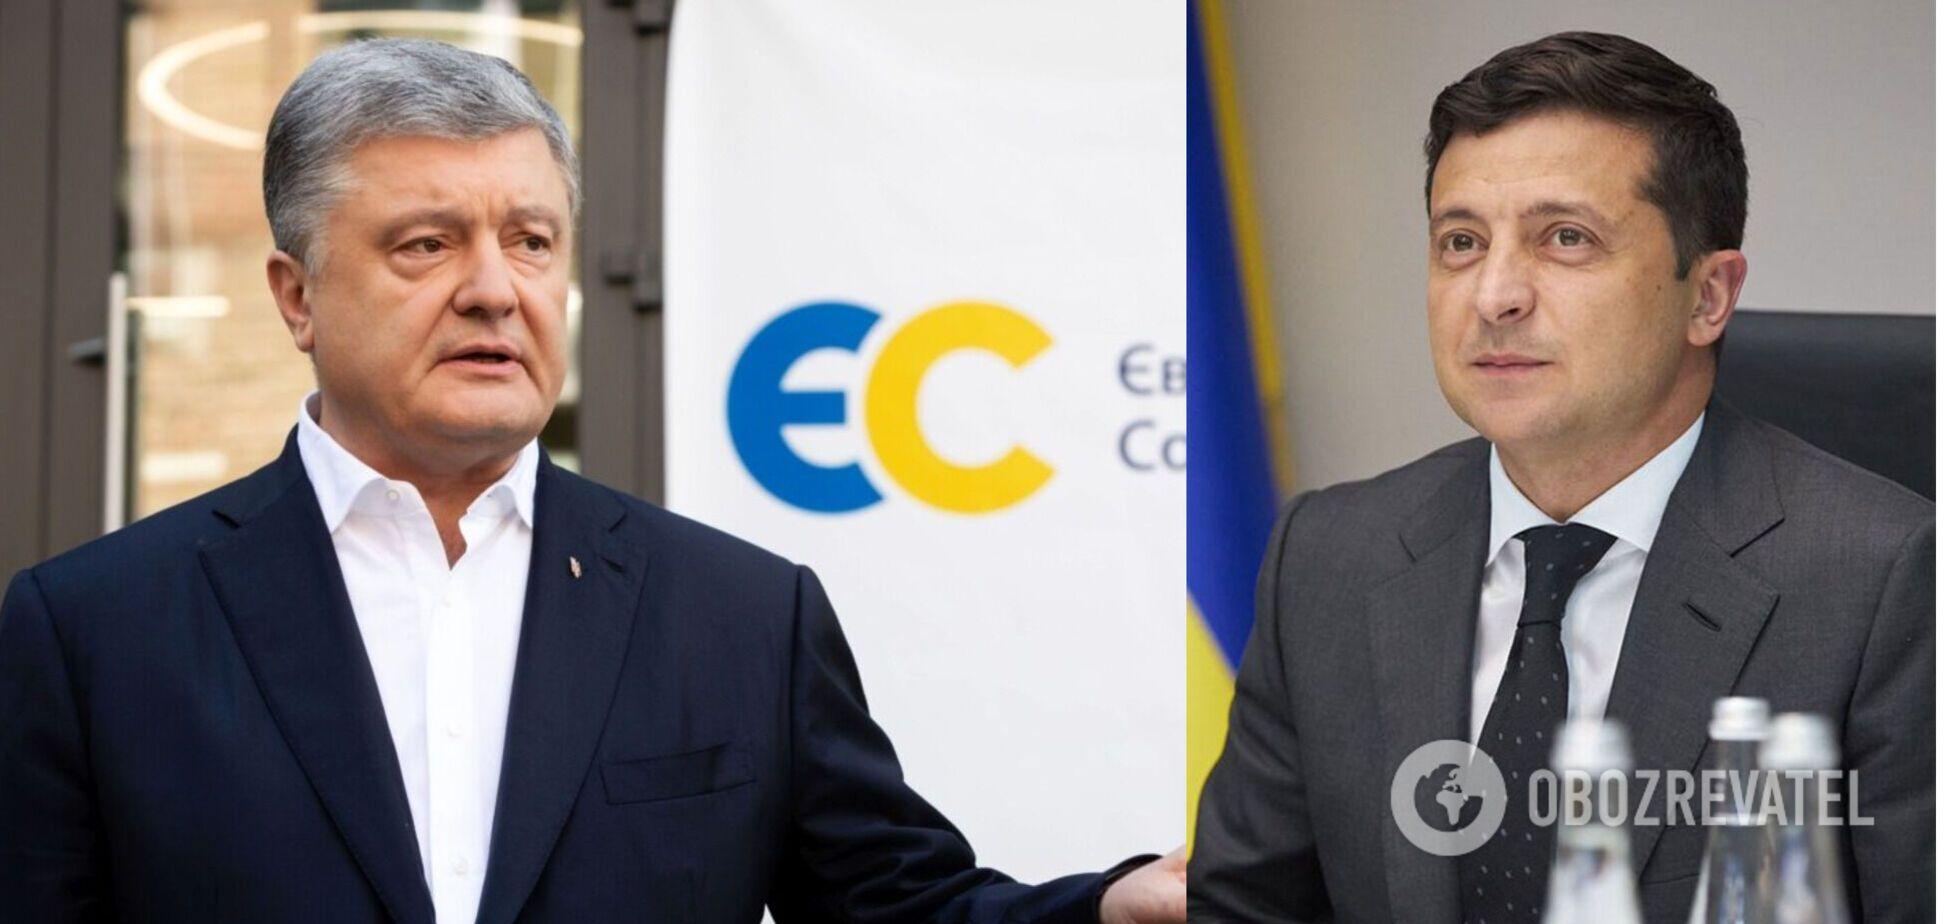 Рейтинги 'ЕС' и 'Слуги' почти сравнялись, а Порошенко догоняет Зеленского – SOCIS